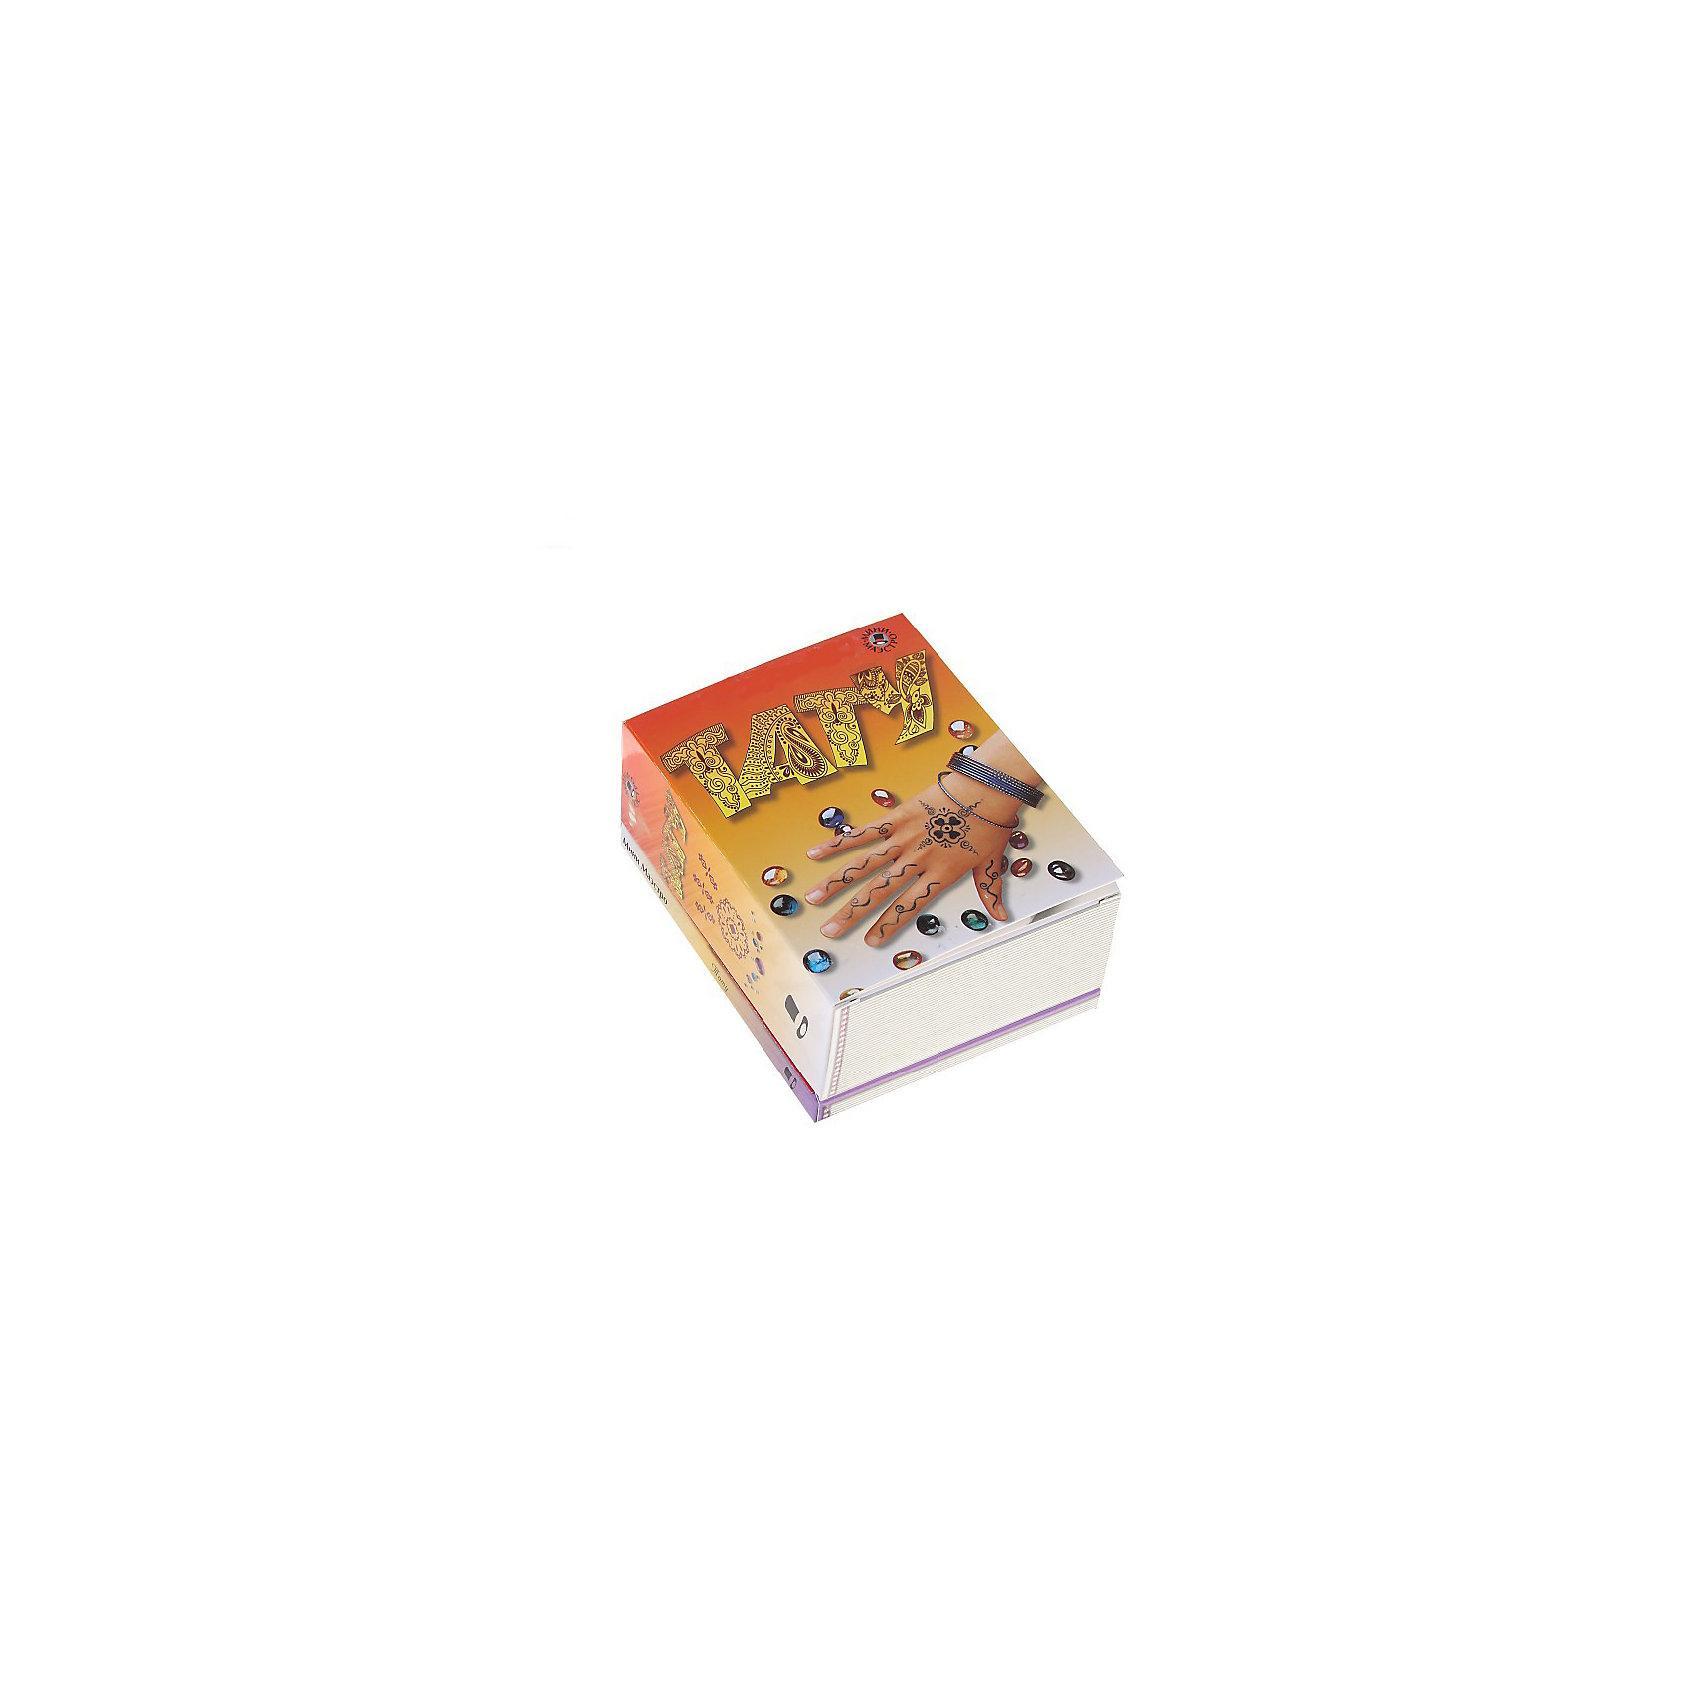 Набор ТатуМини-маэстро «Тату» - этот набор не только для татуировок. В этой коробочке есть все для занятий Боди Артом! Здесь находится 48-станичная книга с описанием различных способов украшения тела, и много интересных штучек, чтобы попробовать украсить себя прямо сейчас.<br>Дополнительная информация:<br>В набор входит:<br>- Книга с инструкциями 48 стр., цв. илл.,<br>- хна, <br>- карандаш для Боди-Арта, <br>- наклейки-камешки,<br>- серьги.<br>Размер упаковки (д/ш/в): 95 х 52 х 120 мм<br><br>Ширина мм: 95<br>Глубина мм: 52<br>Высота мм: 120<br>Вес г: 300<br>Возраст от месяцев: 72<br>Возраст до месяцев: 144<br>Пол: Женский<br>Возраст: Детский<br>SKU: 2358219